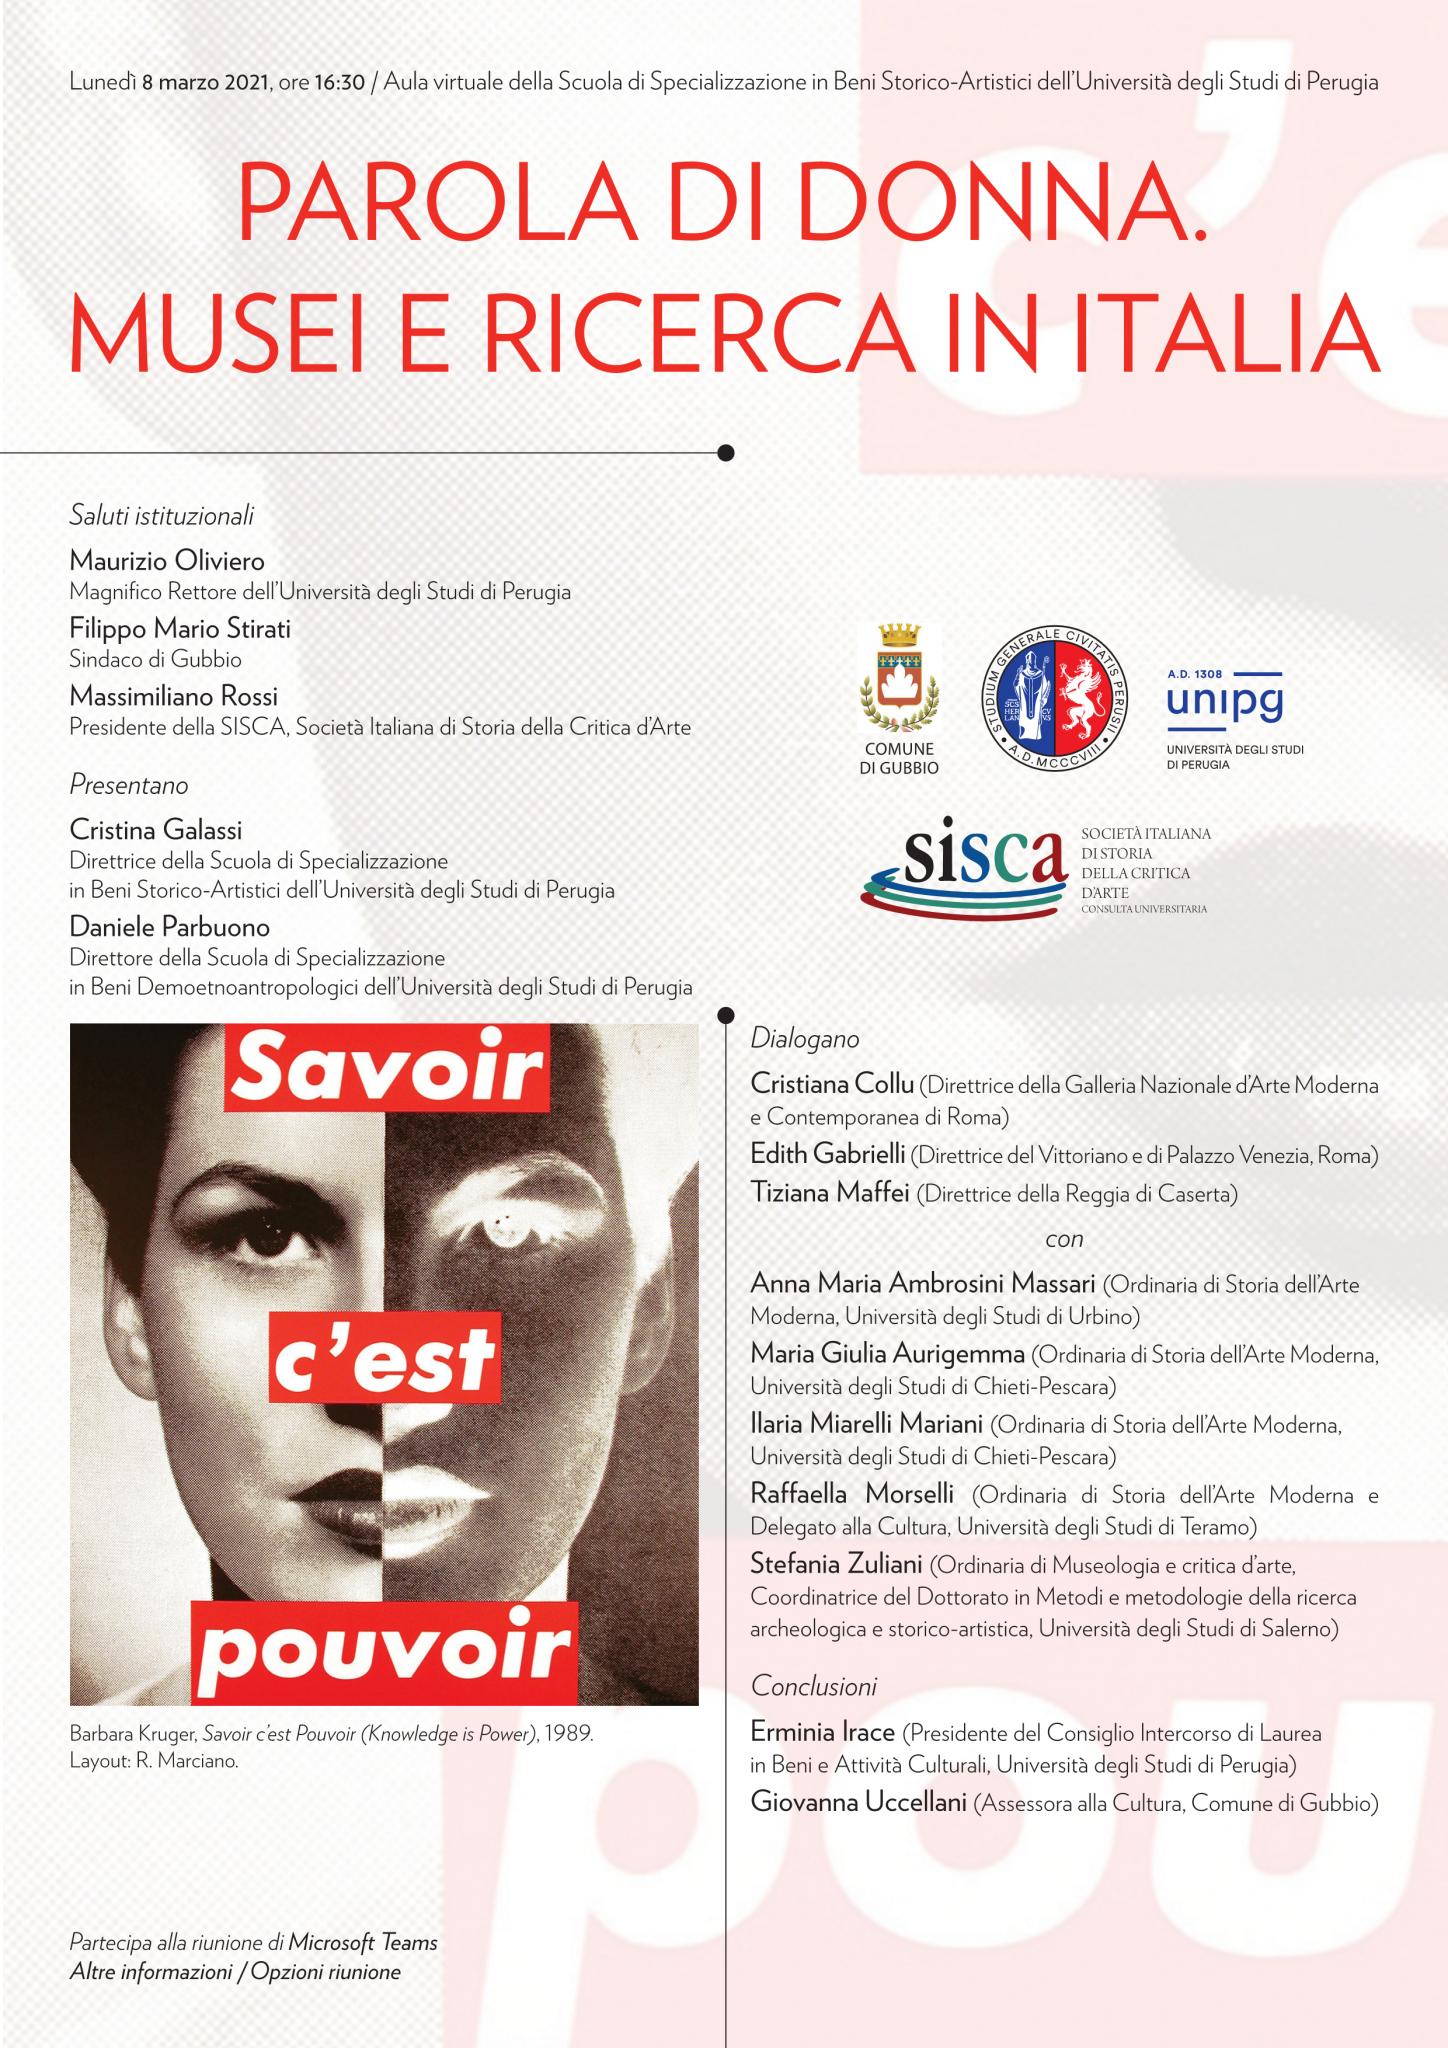 Parola di donna – Musei e ricerca in Italia